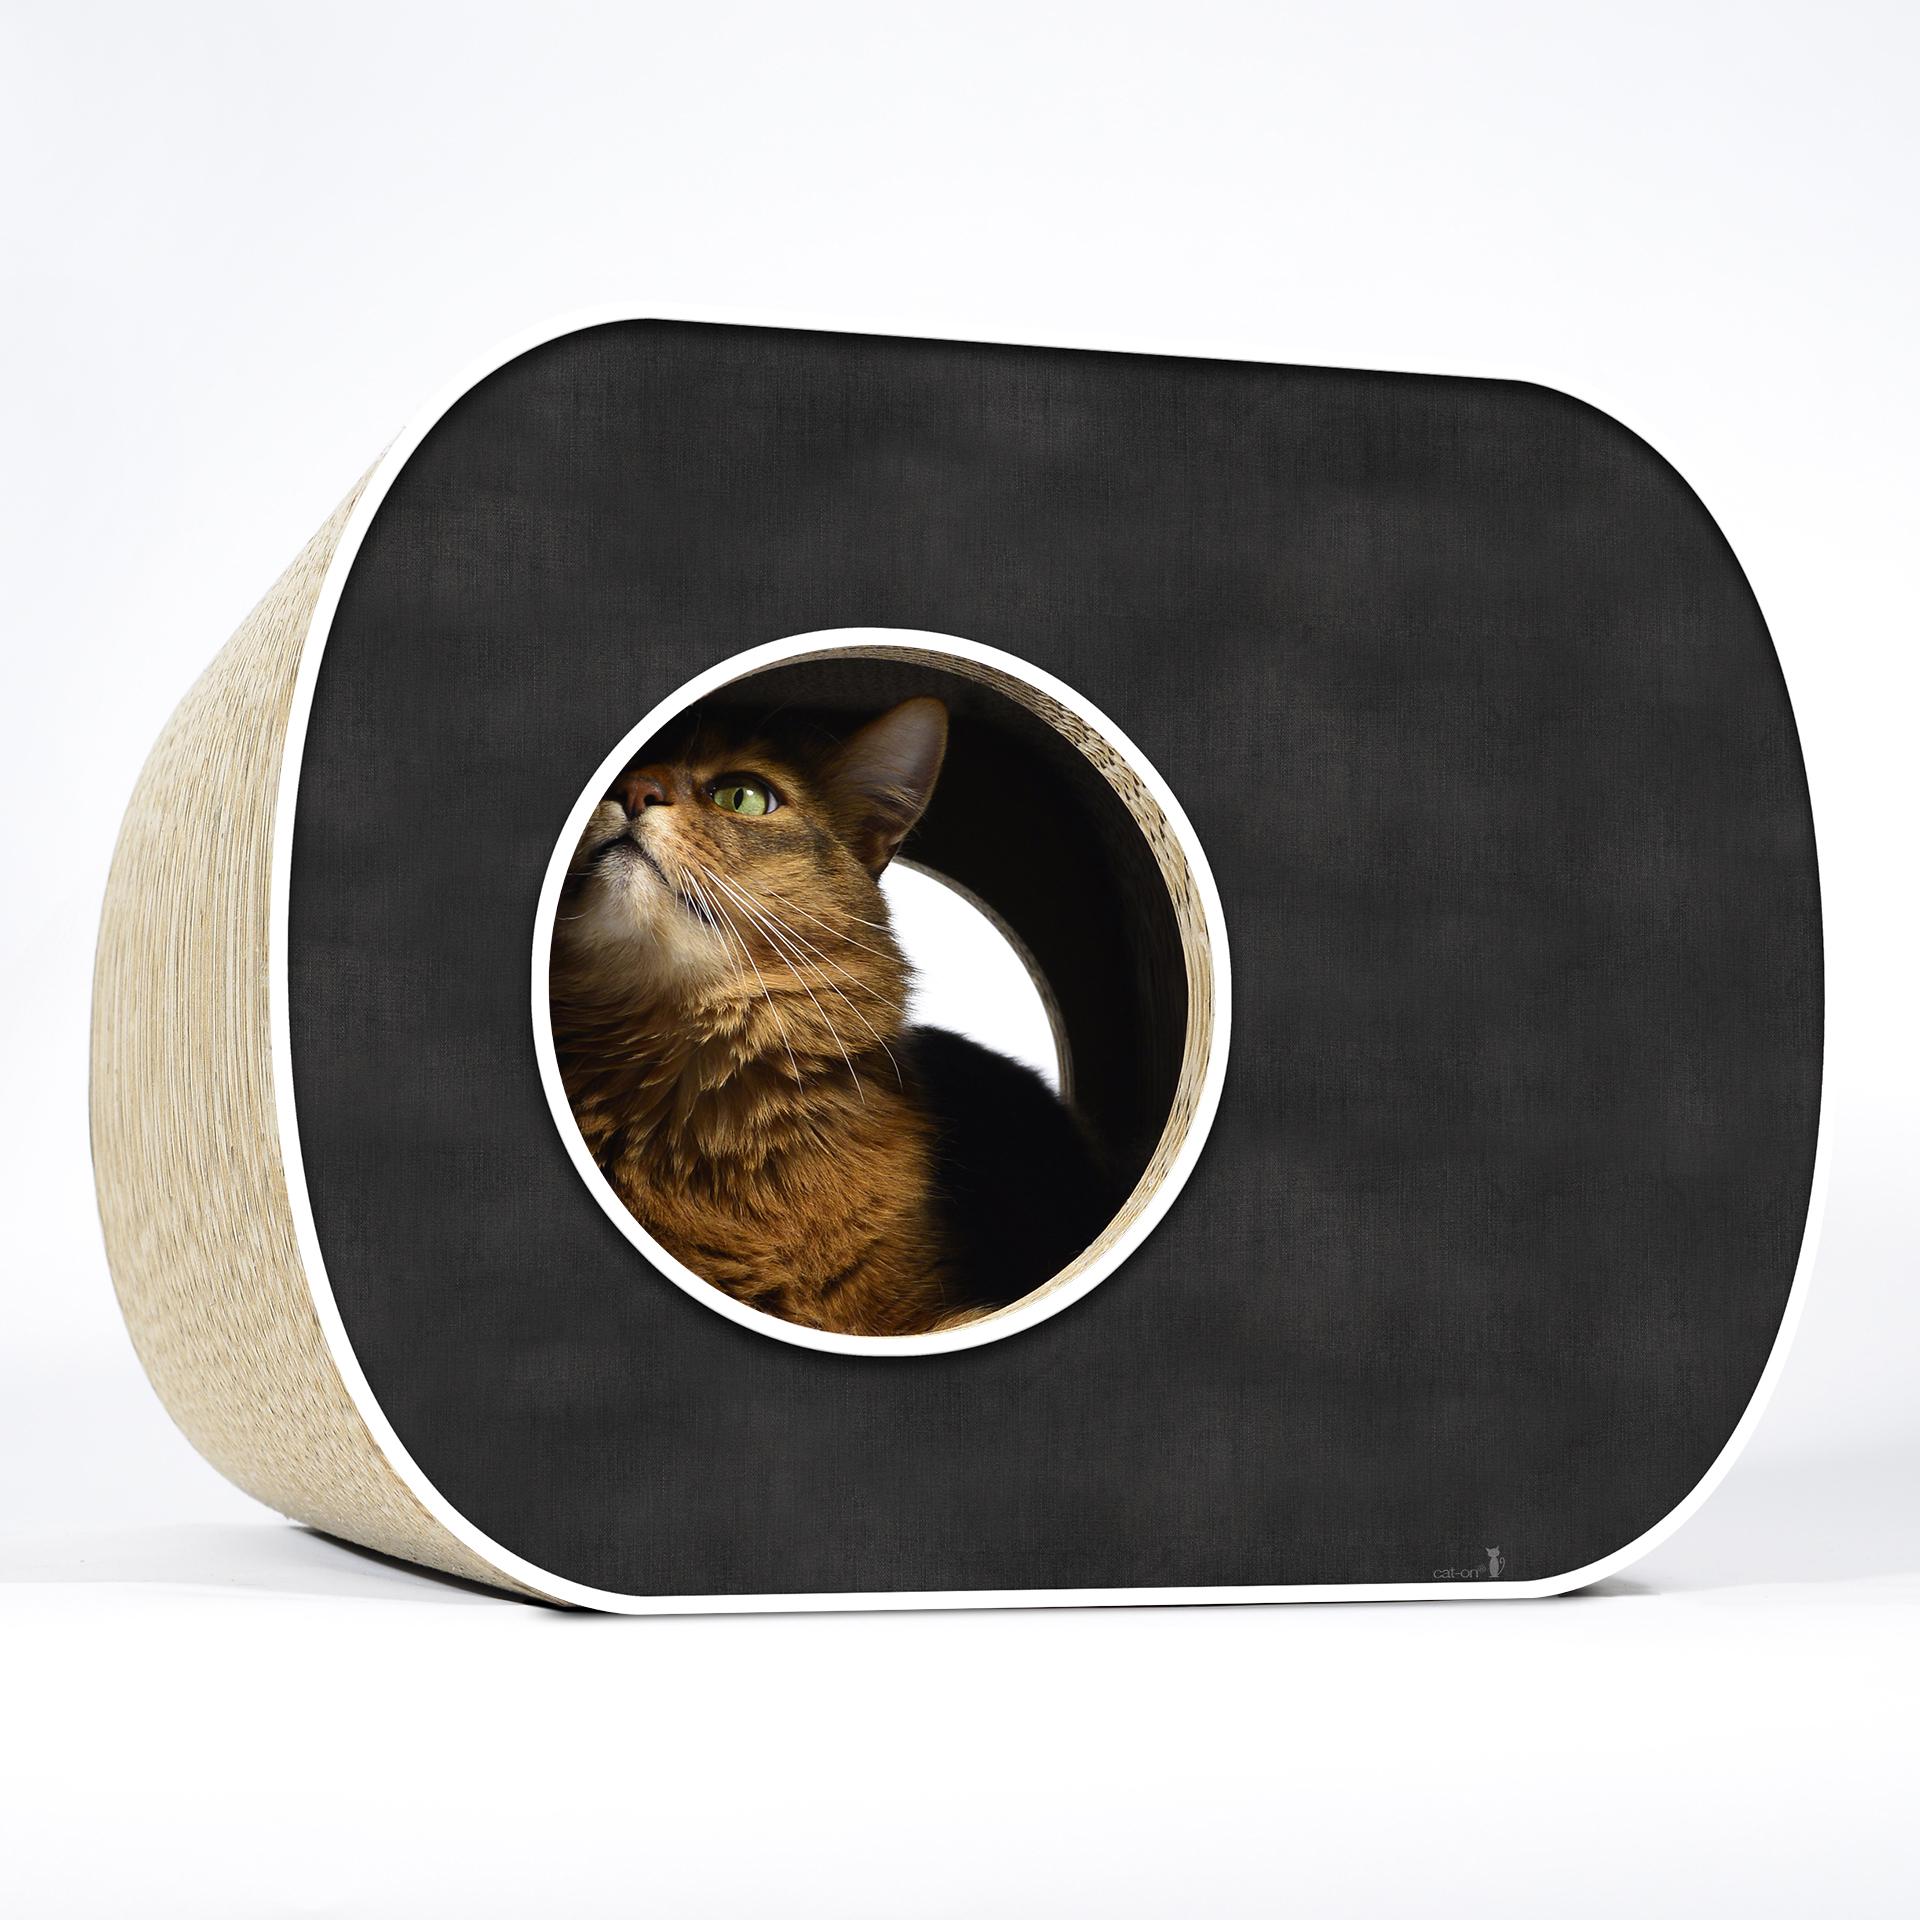 Design cat tree Brochhaus Junior - 000g - black, white rims